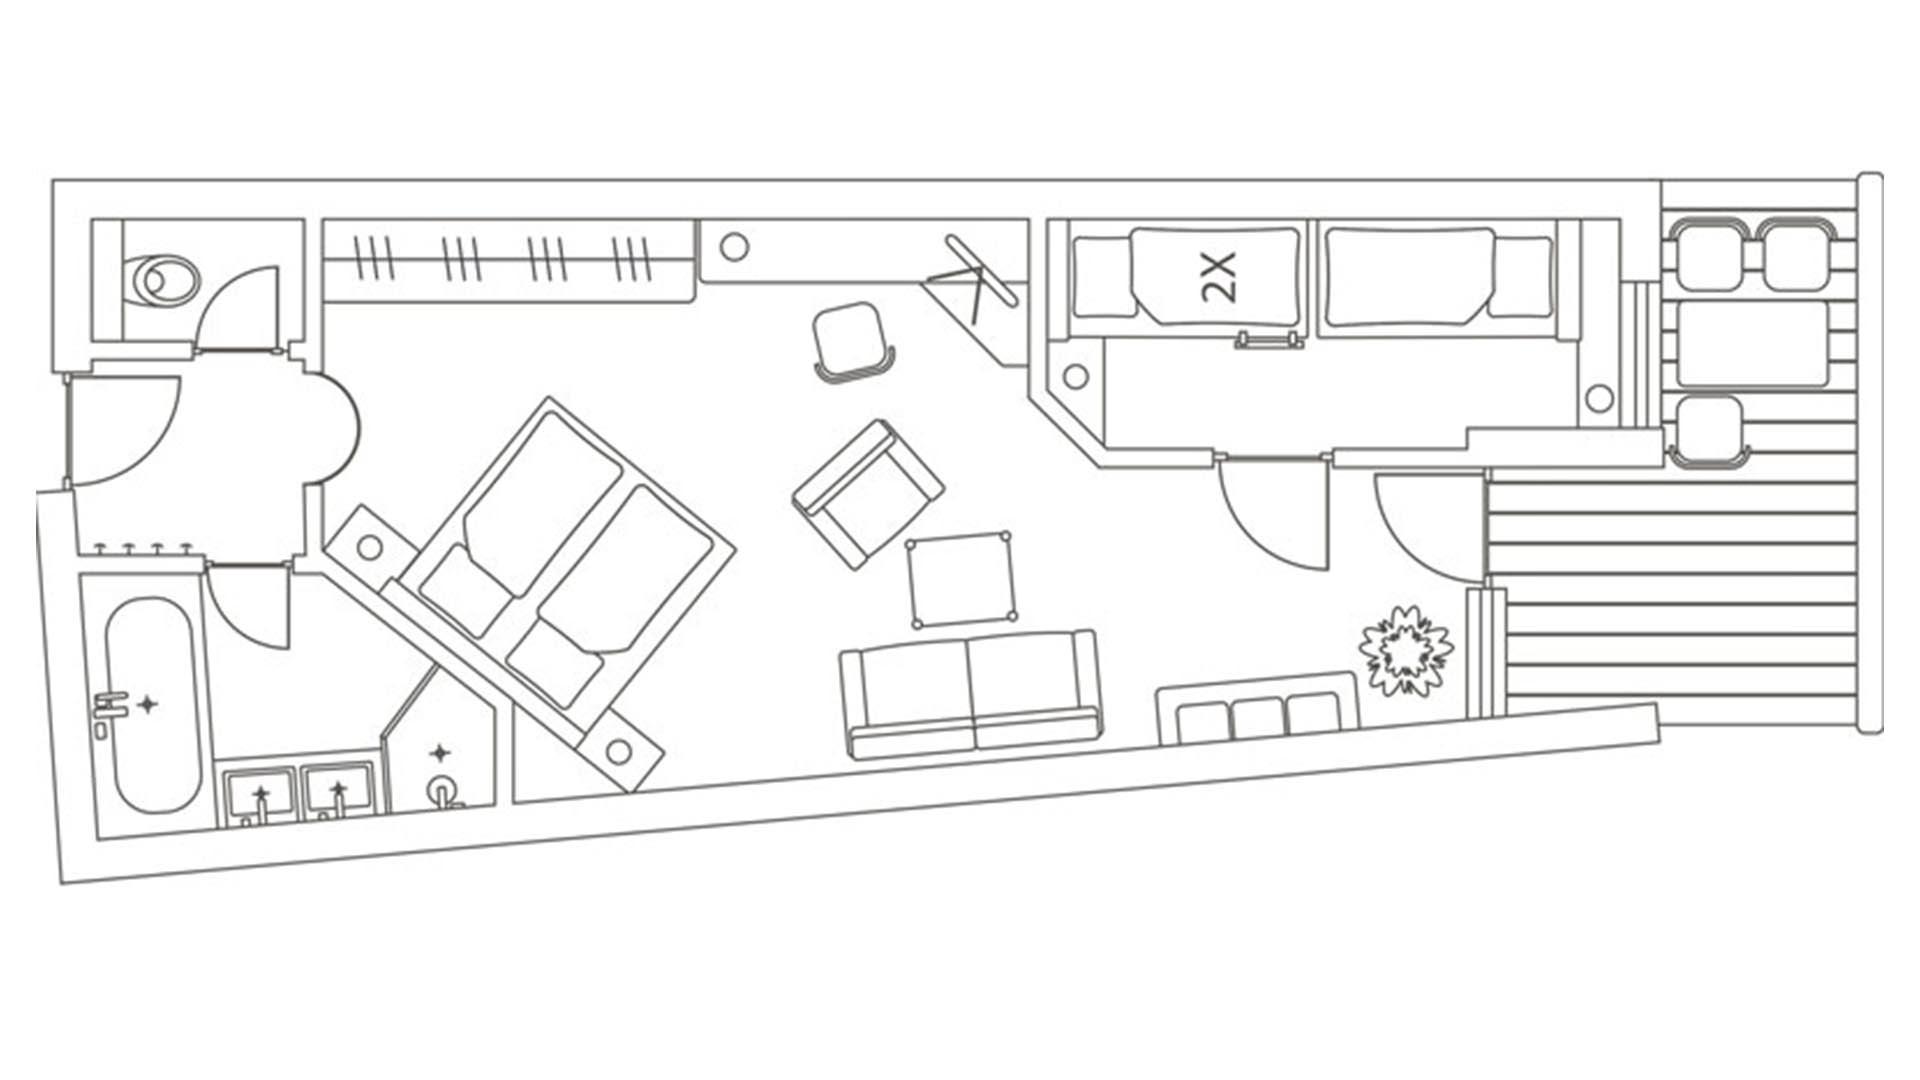 7_Doppelzimmer-STERN-35qm_0049_GR_Laurentius_Suite_(3).jpg